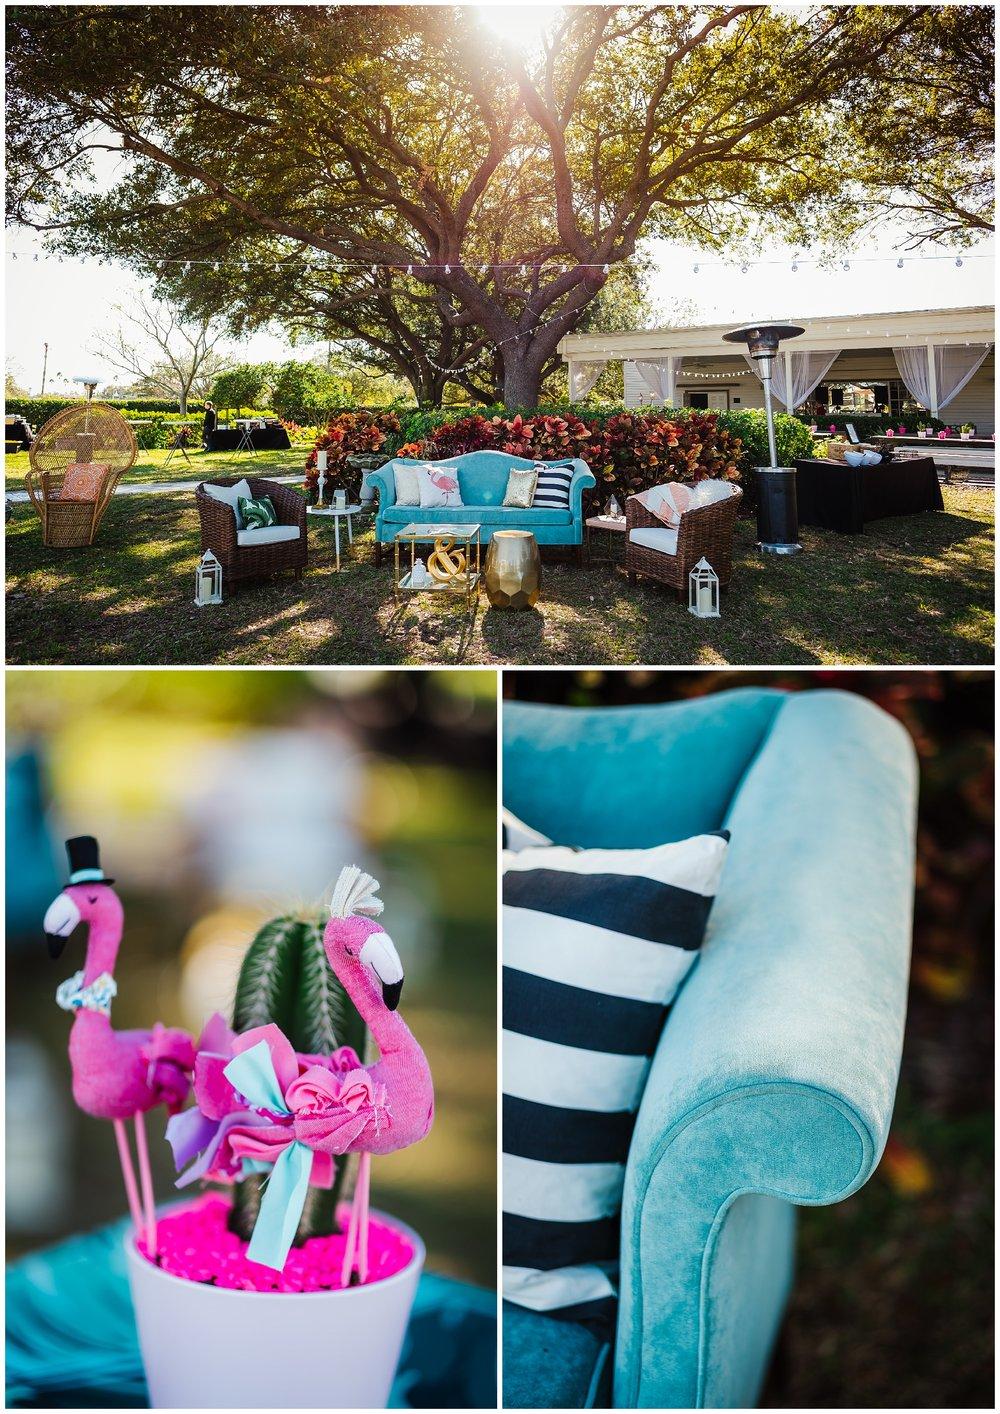 tampa-wedding-photographer-davis-island-flamingo-garden-alexander-mcqueen-non-traditional_0025.jpg